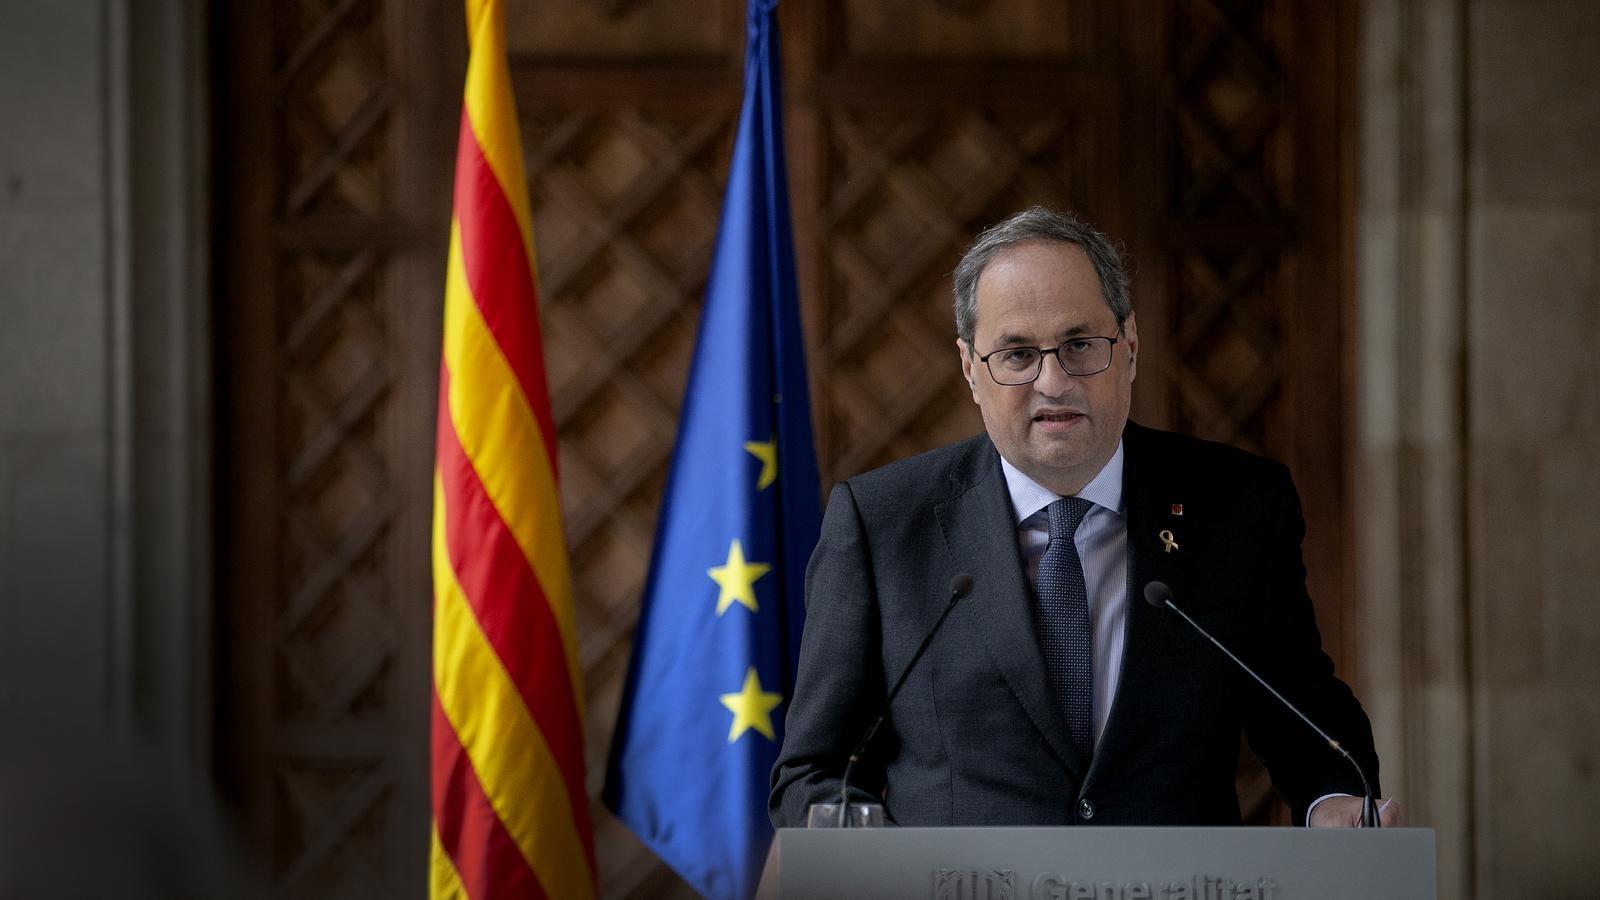 EN DIRECTE | Declaració institucional del president de la Generalitat, Quim Torra